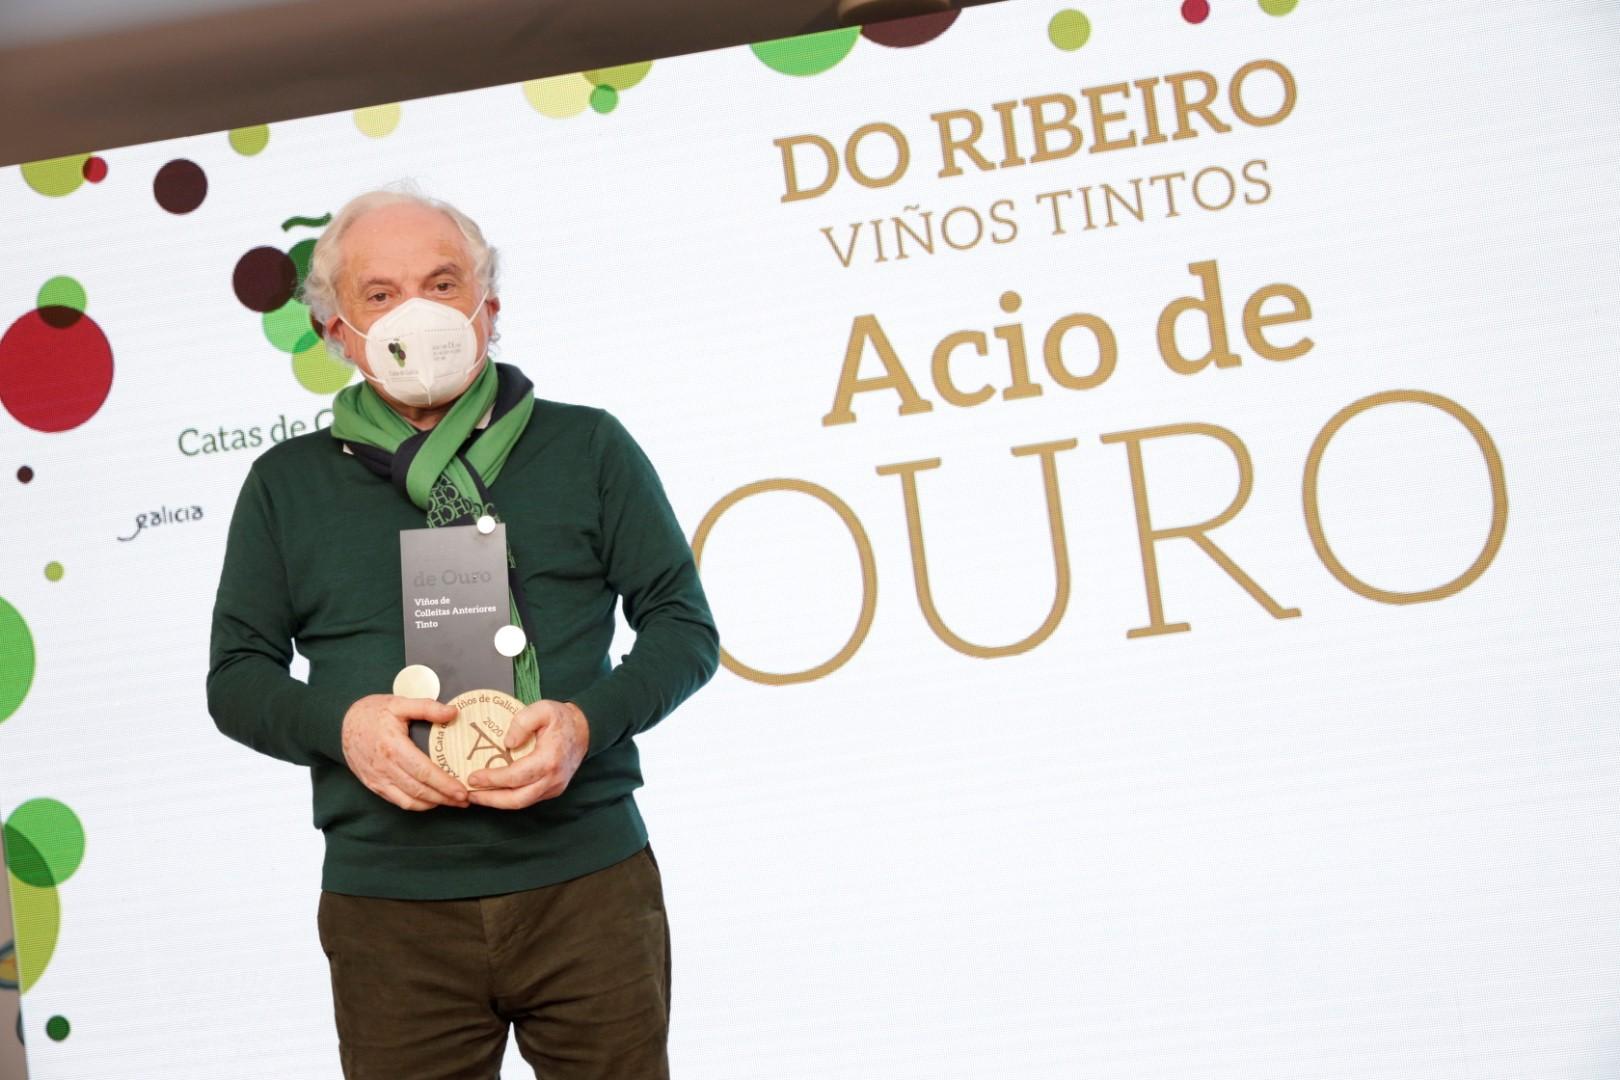 201112_MR_Gañadores Catas de Galicia_DO Ribeiro TINTO ACIO OURO